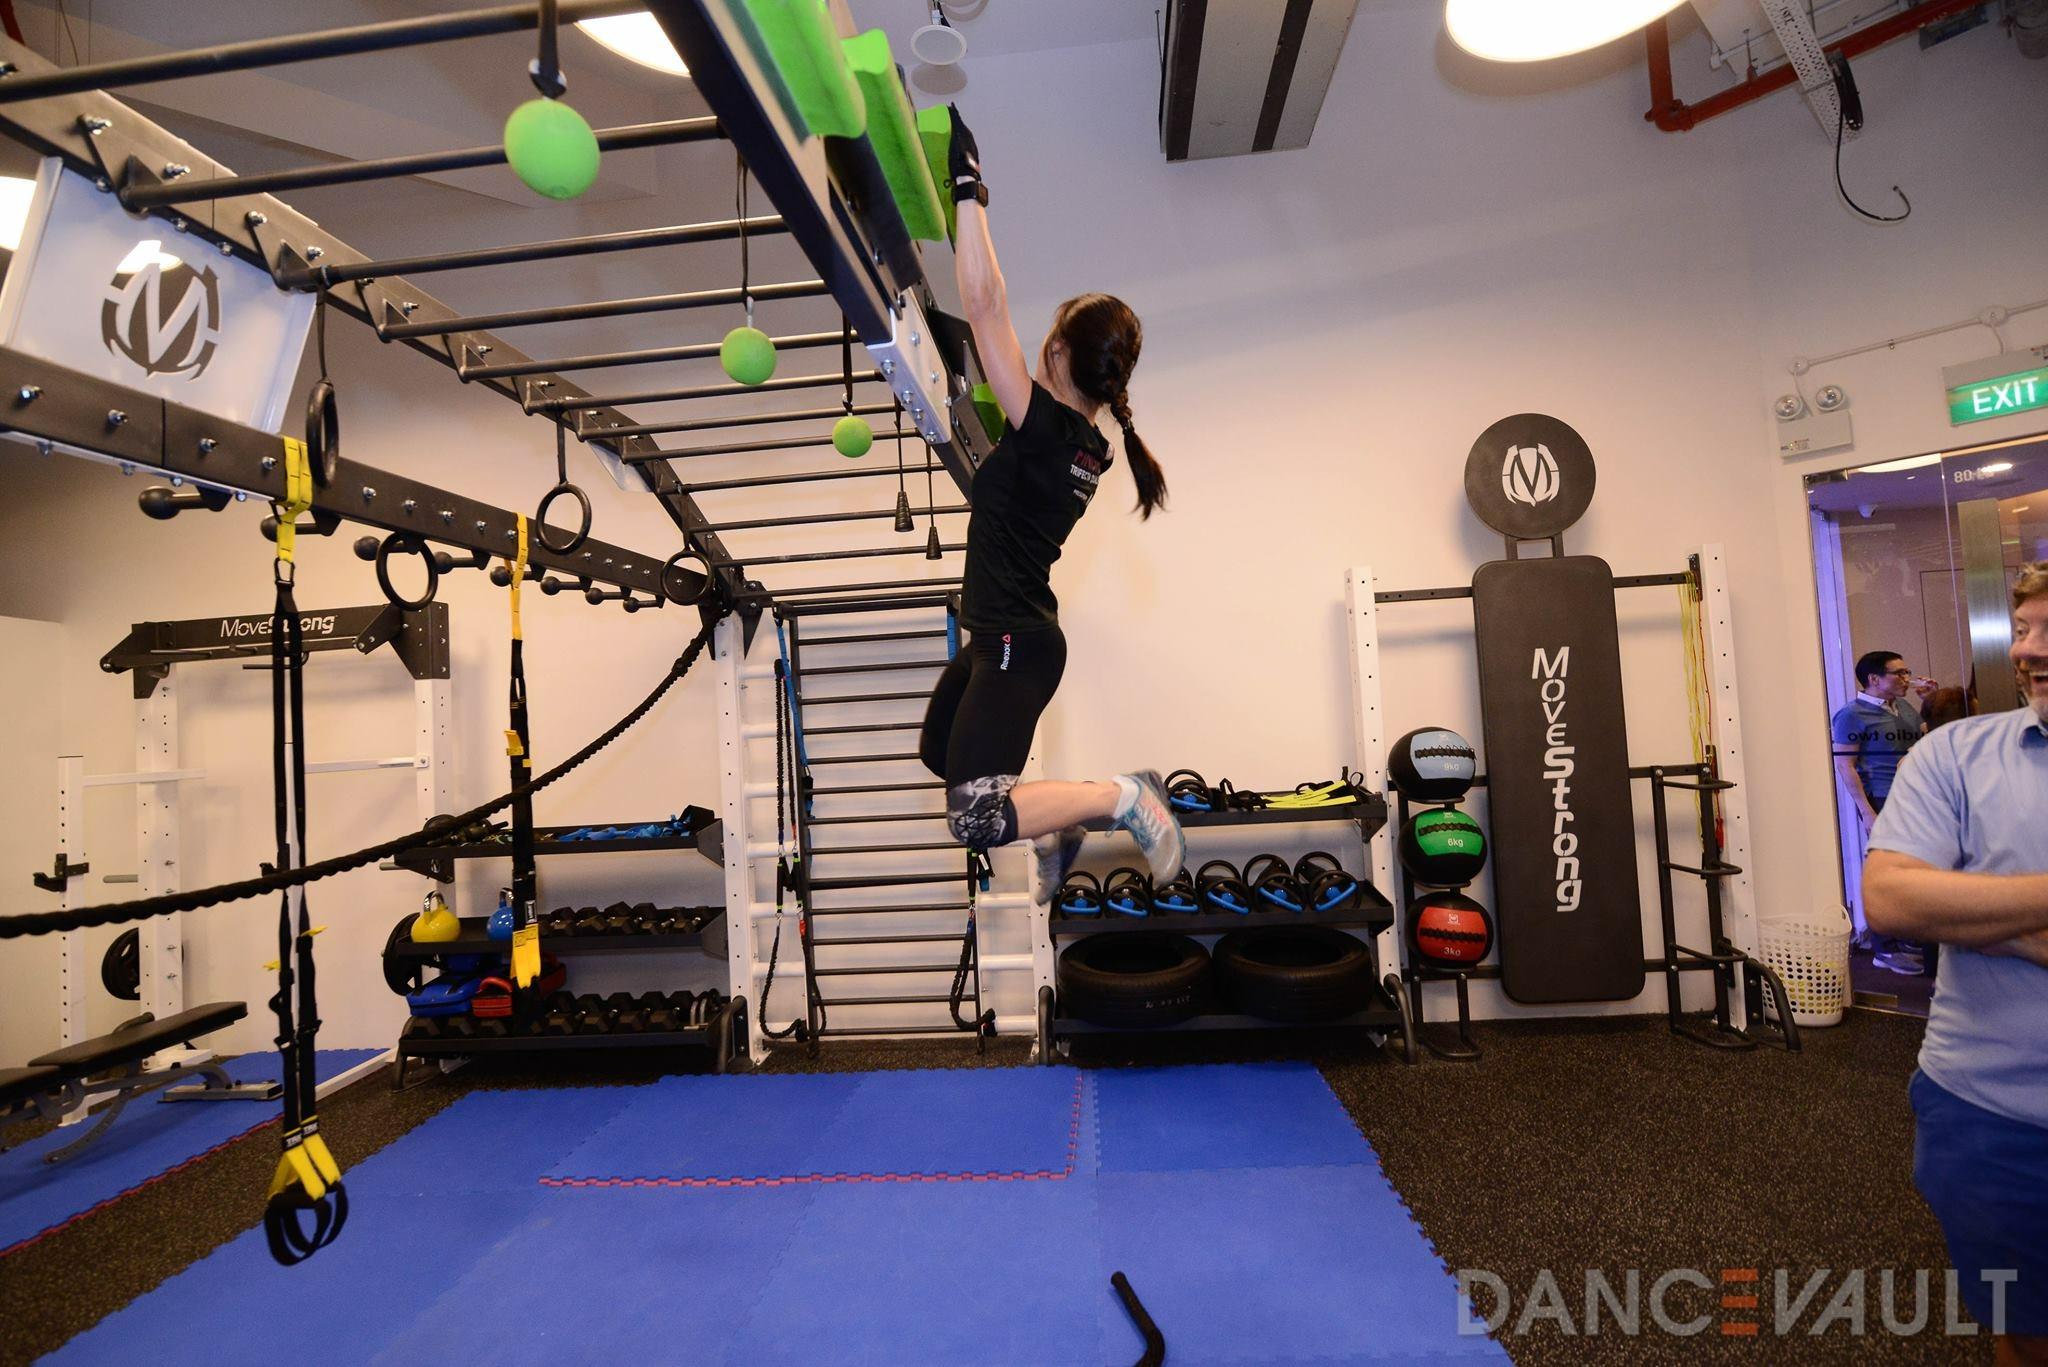 Ninja Warrior Training Obstacle